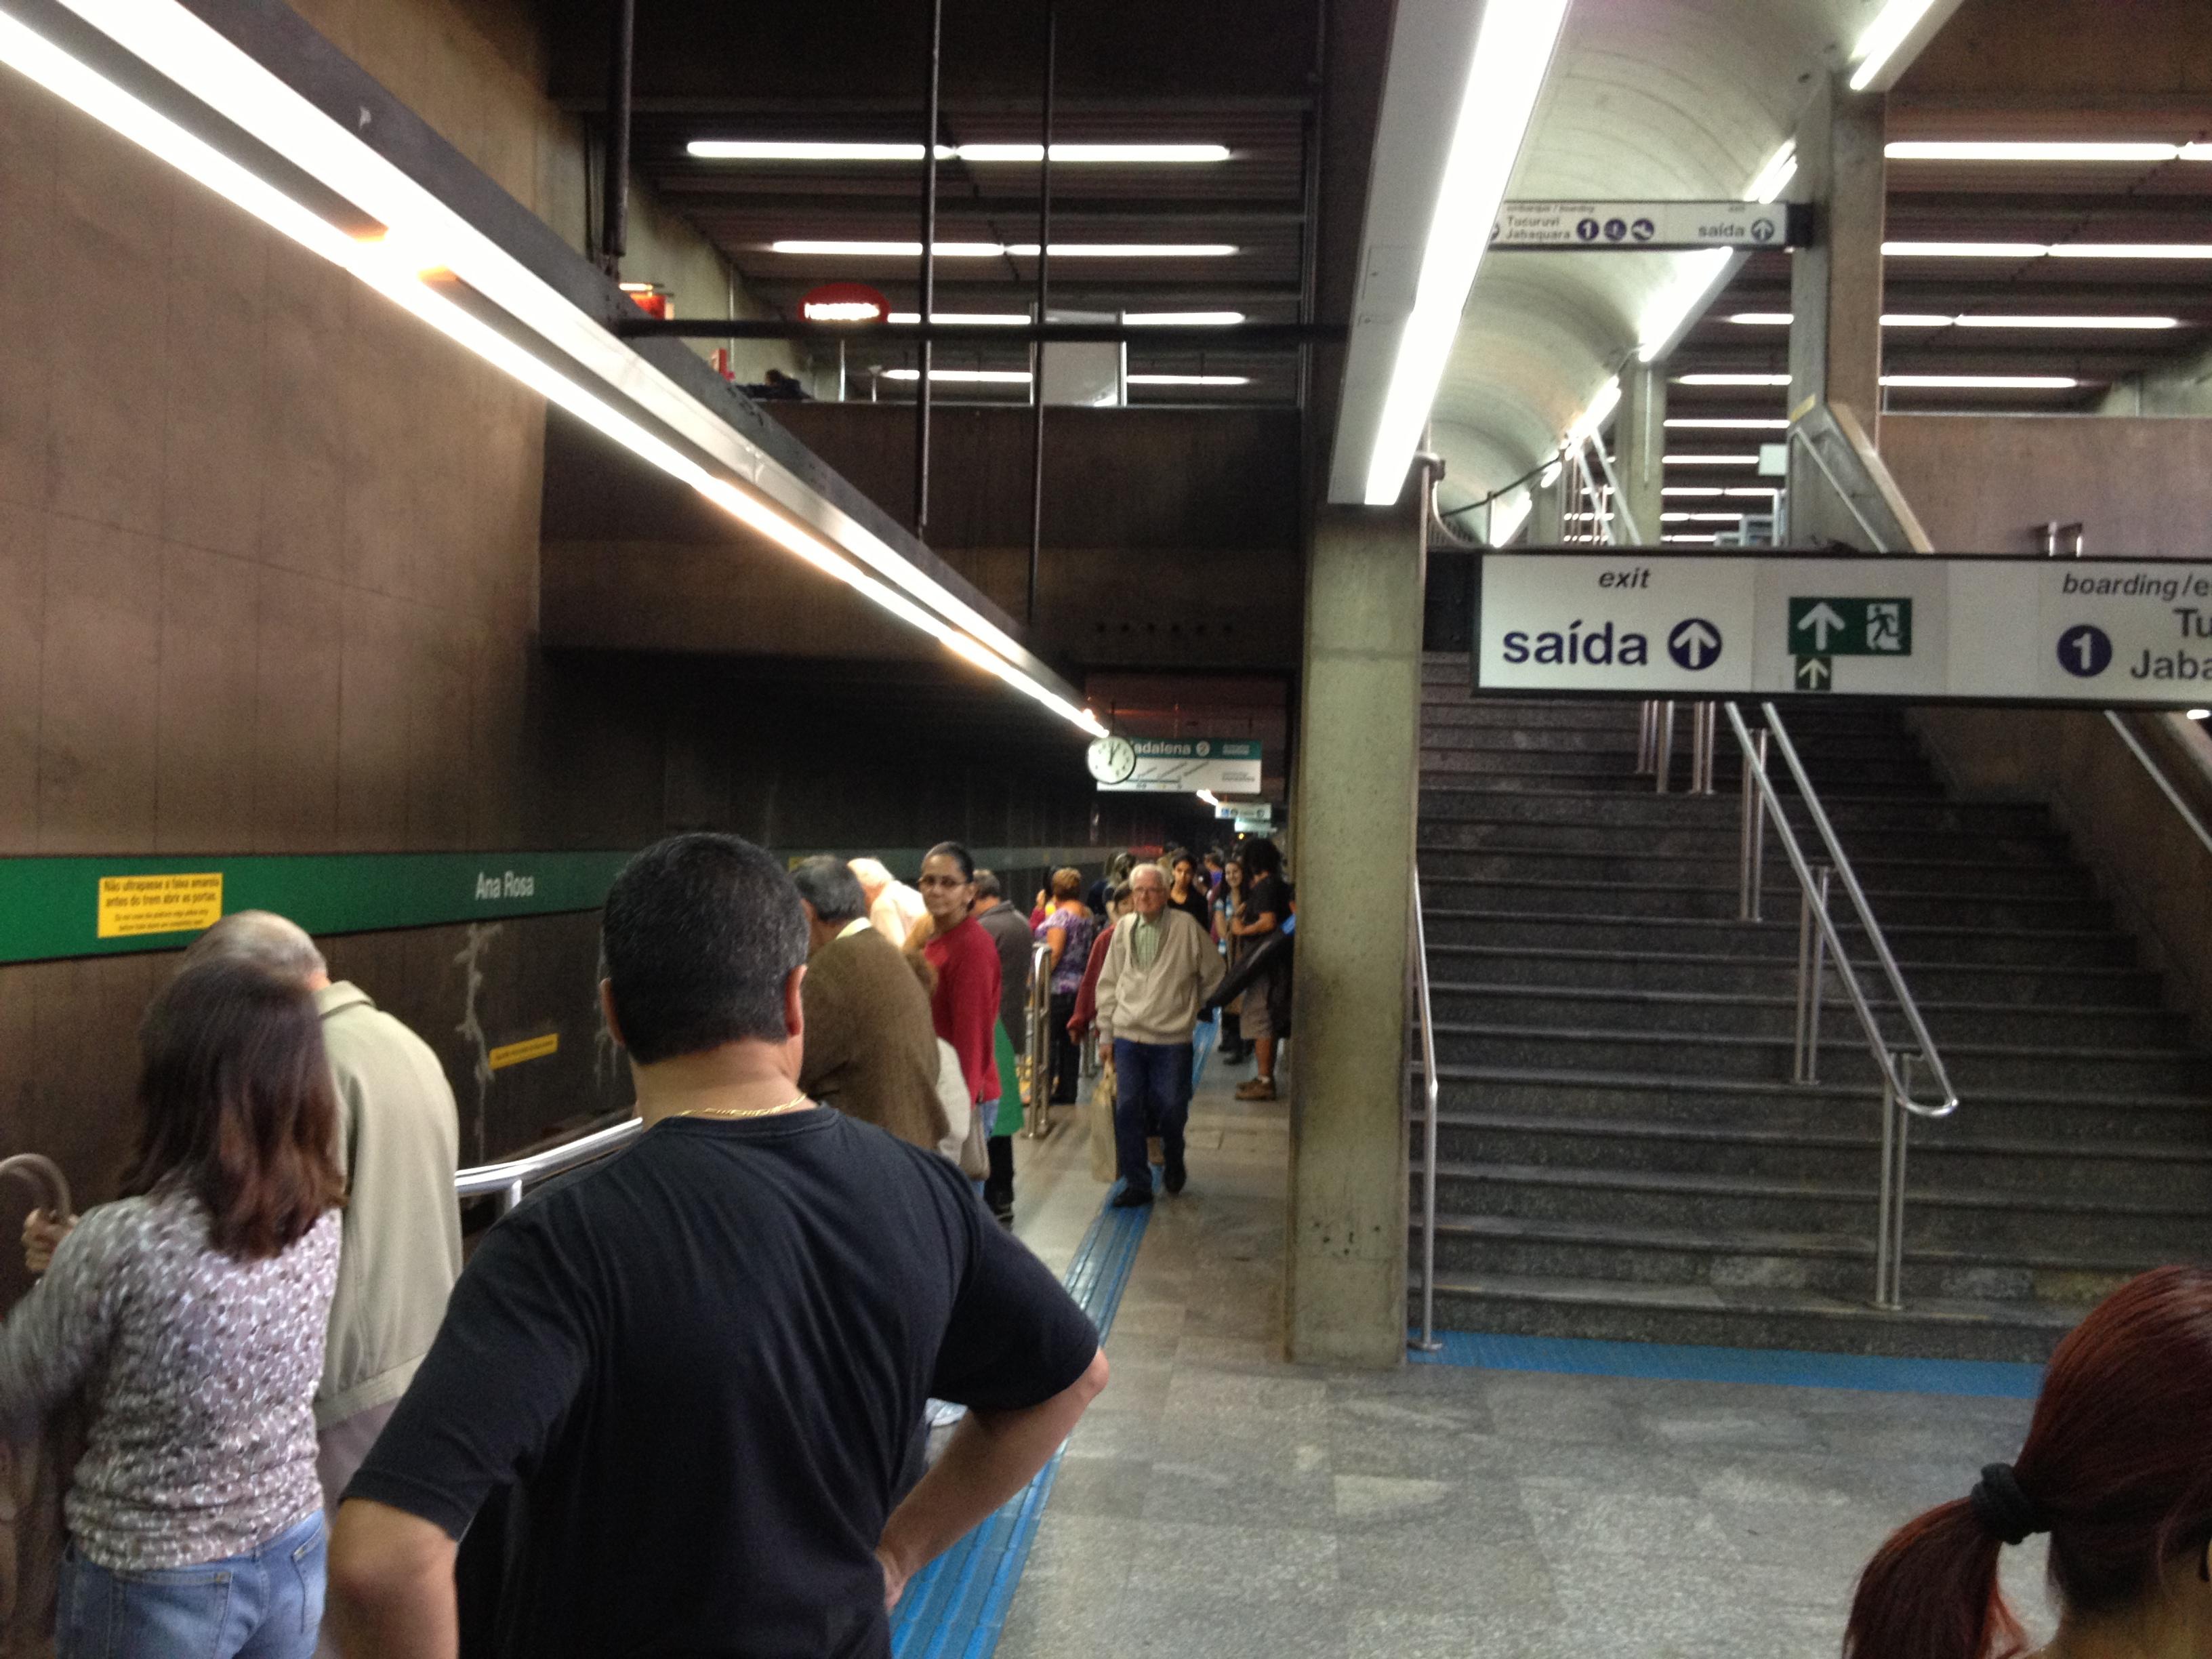 サンパウロ地下鉄駅